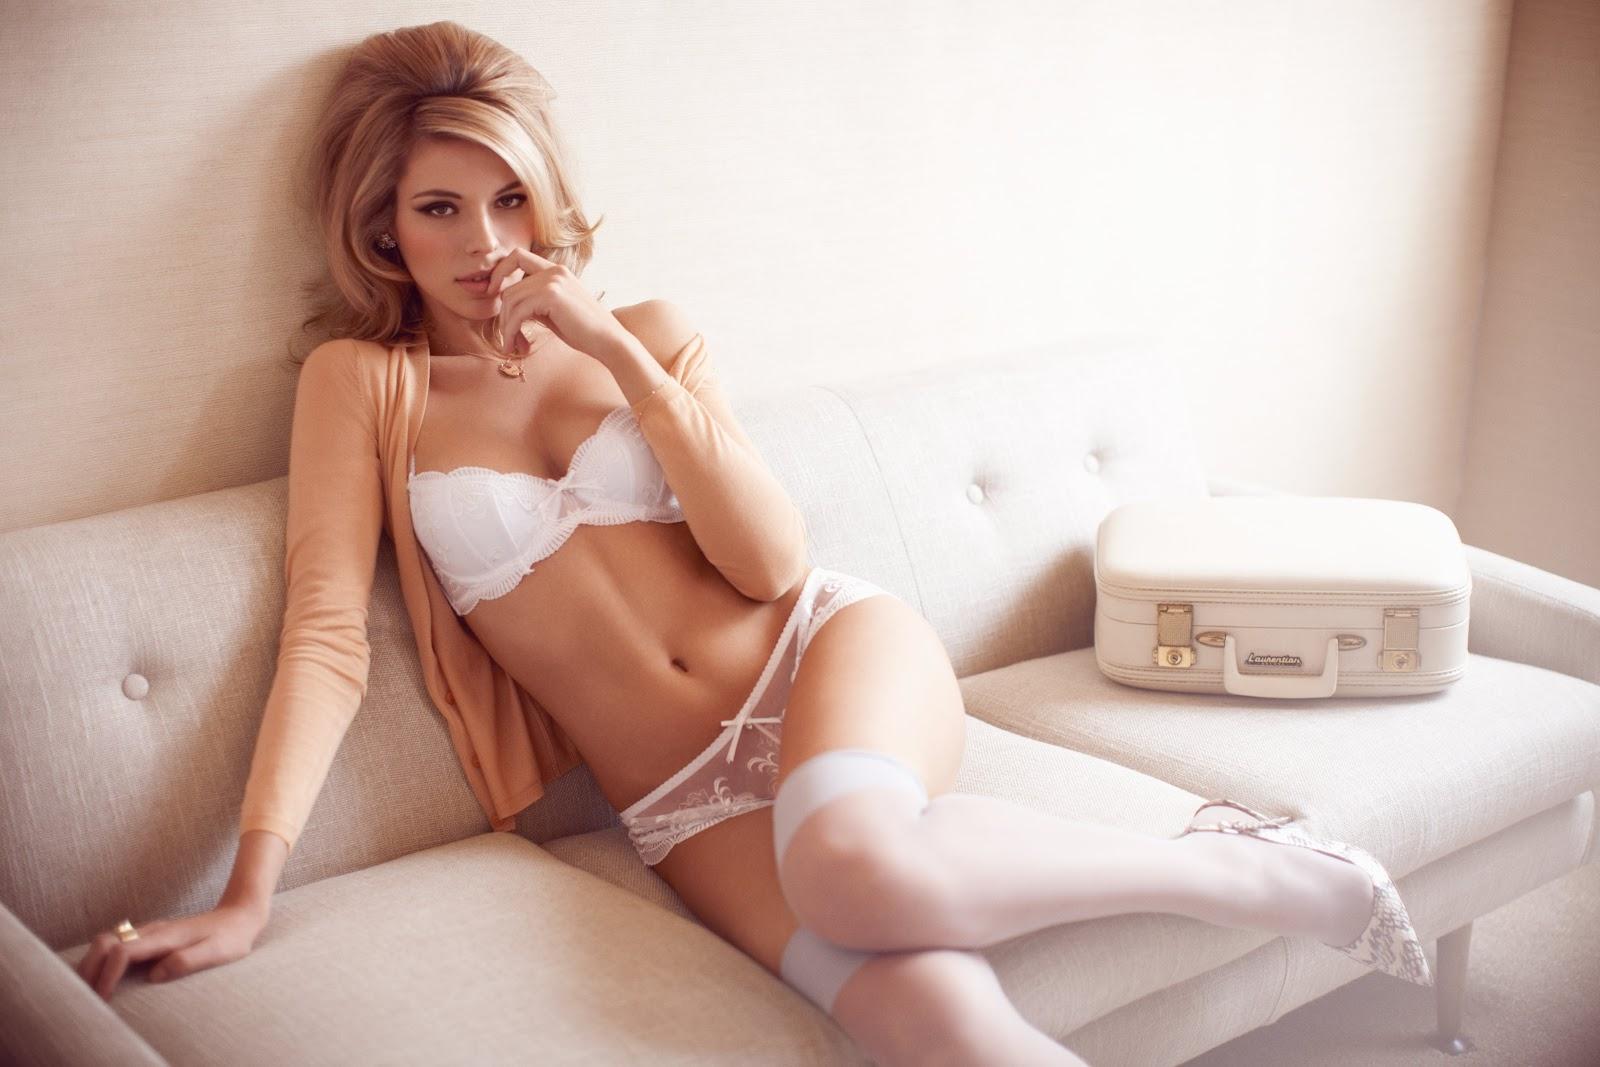 bridal underwear 5 best luxury bridal lingerie sets - jeanne pompadour qgnxlut